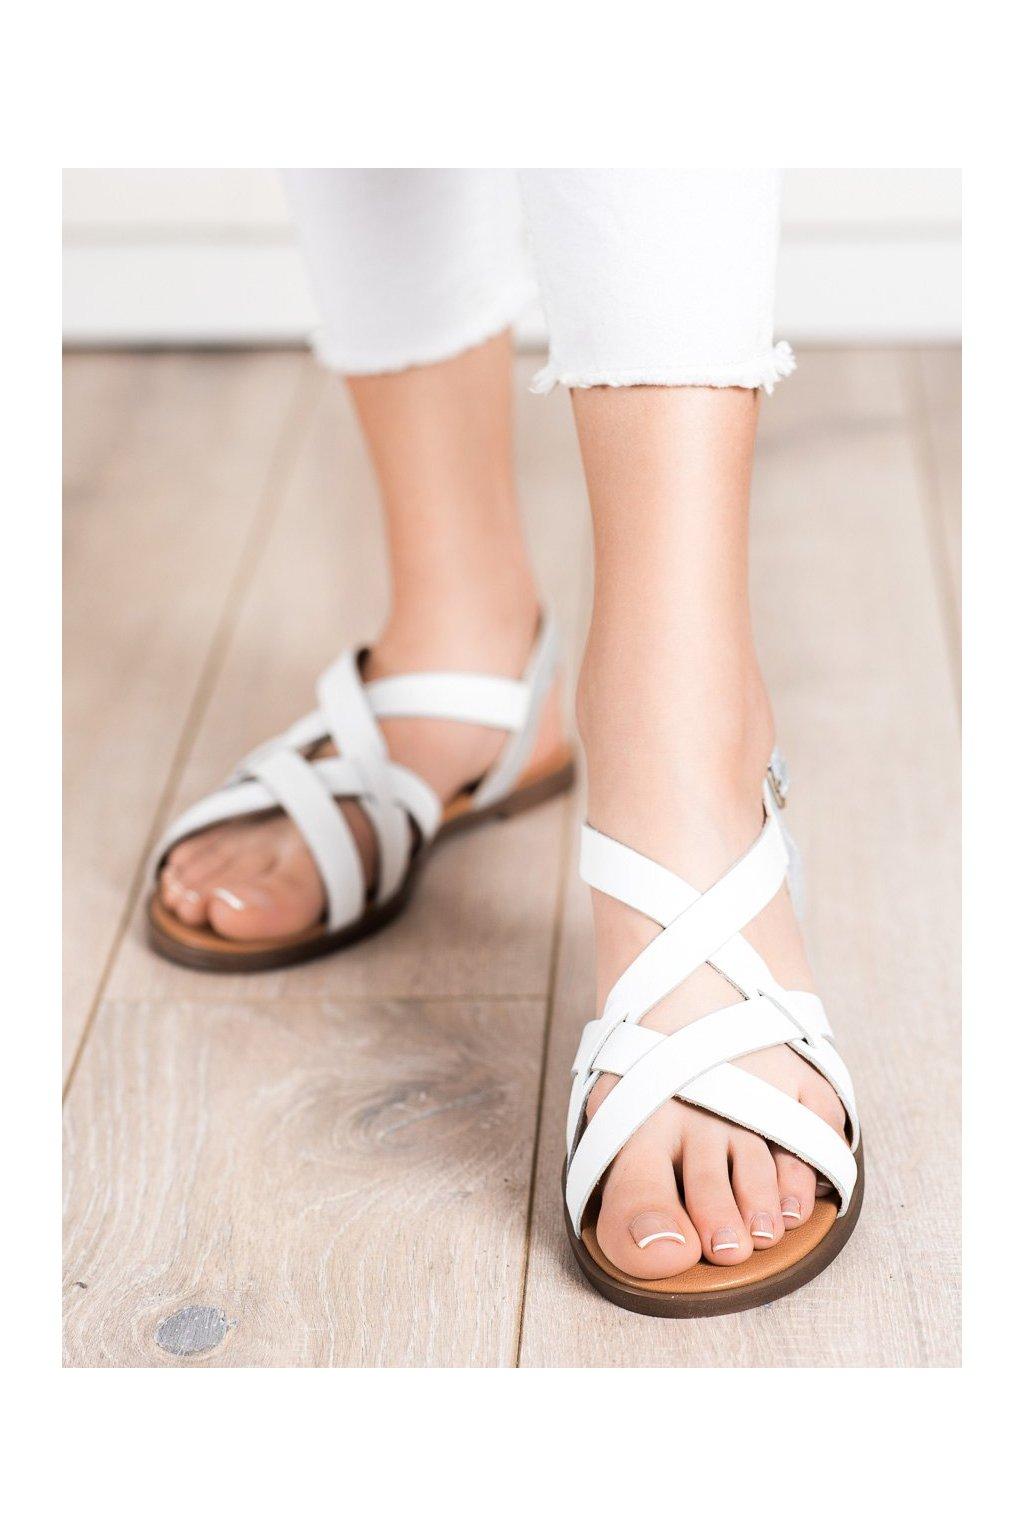 Biele sandále Sergio leone kod SK062W